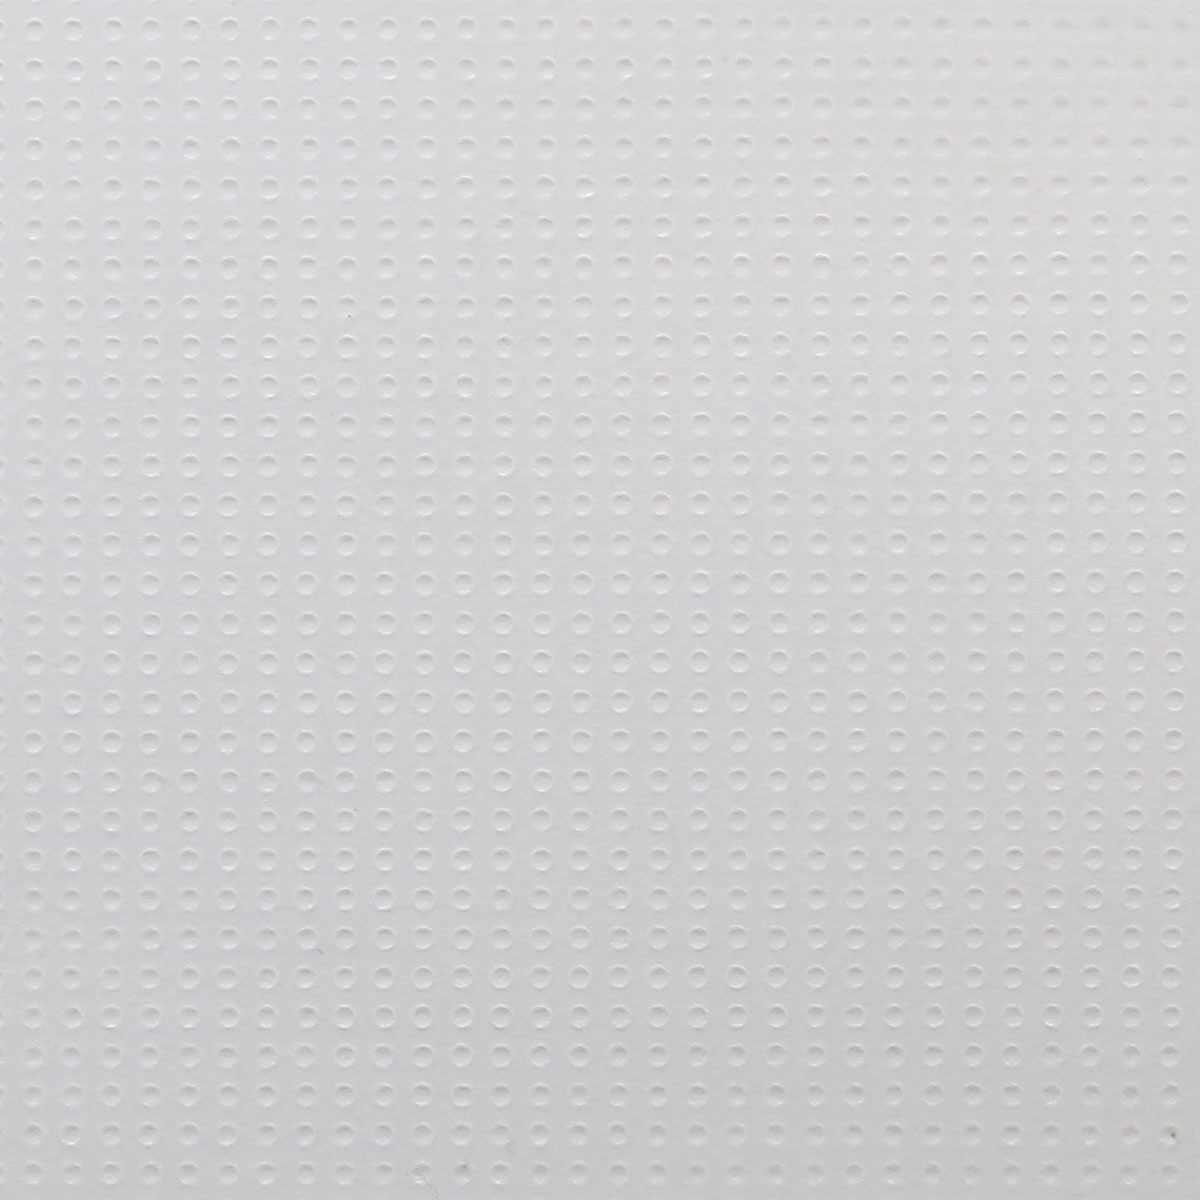 Канва Bestex 7728437 Канва водорастворимая 20х22см